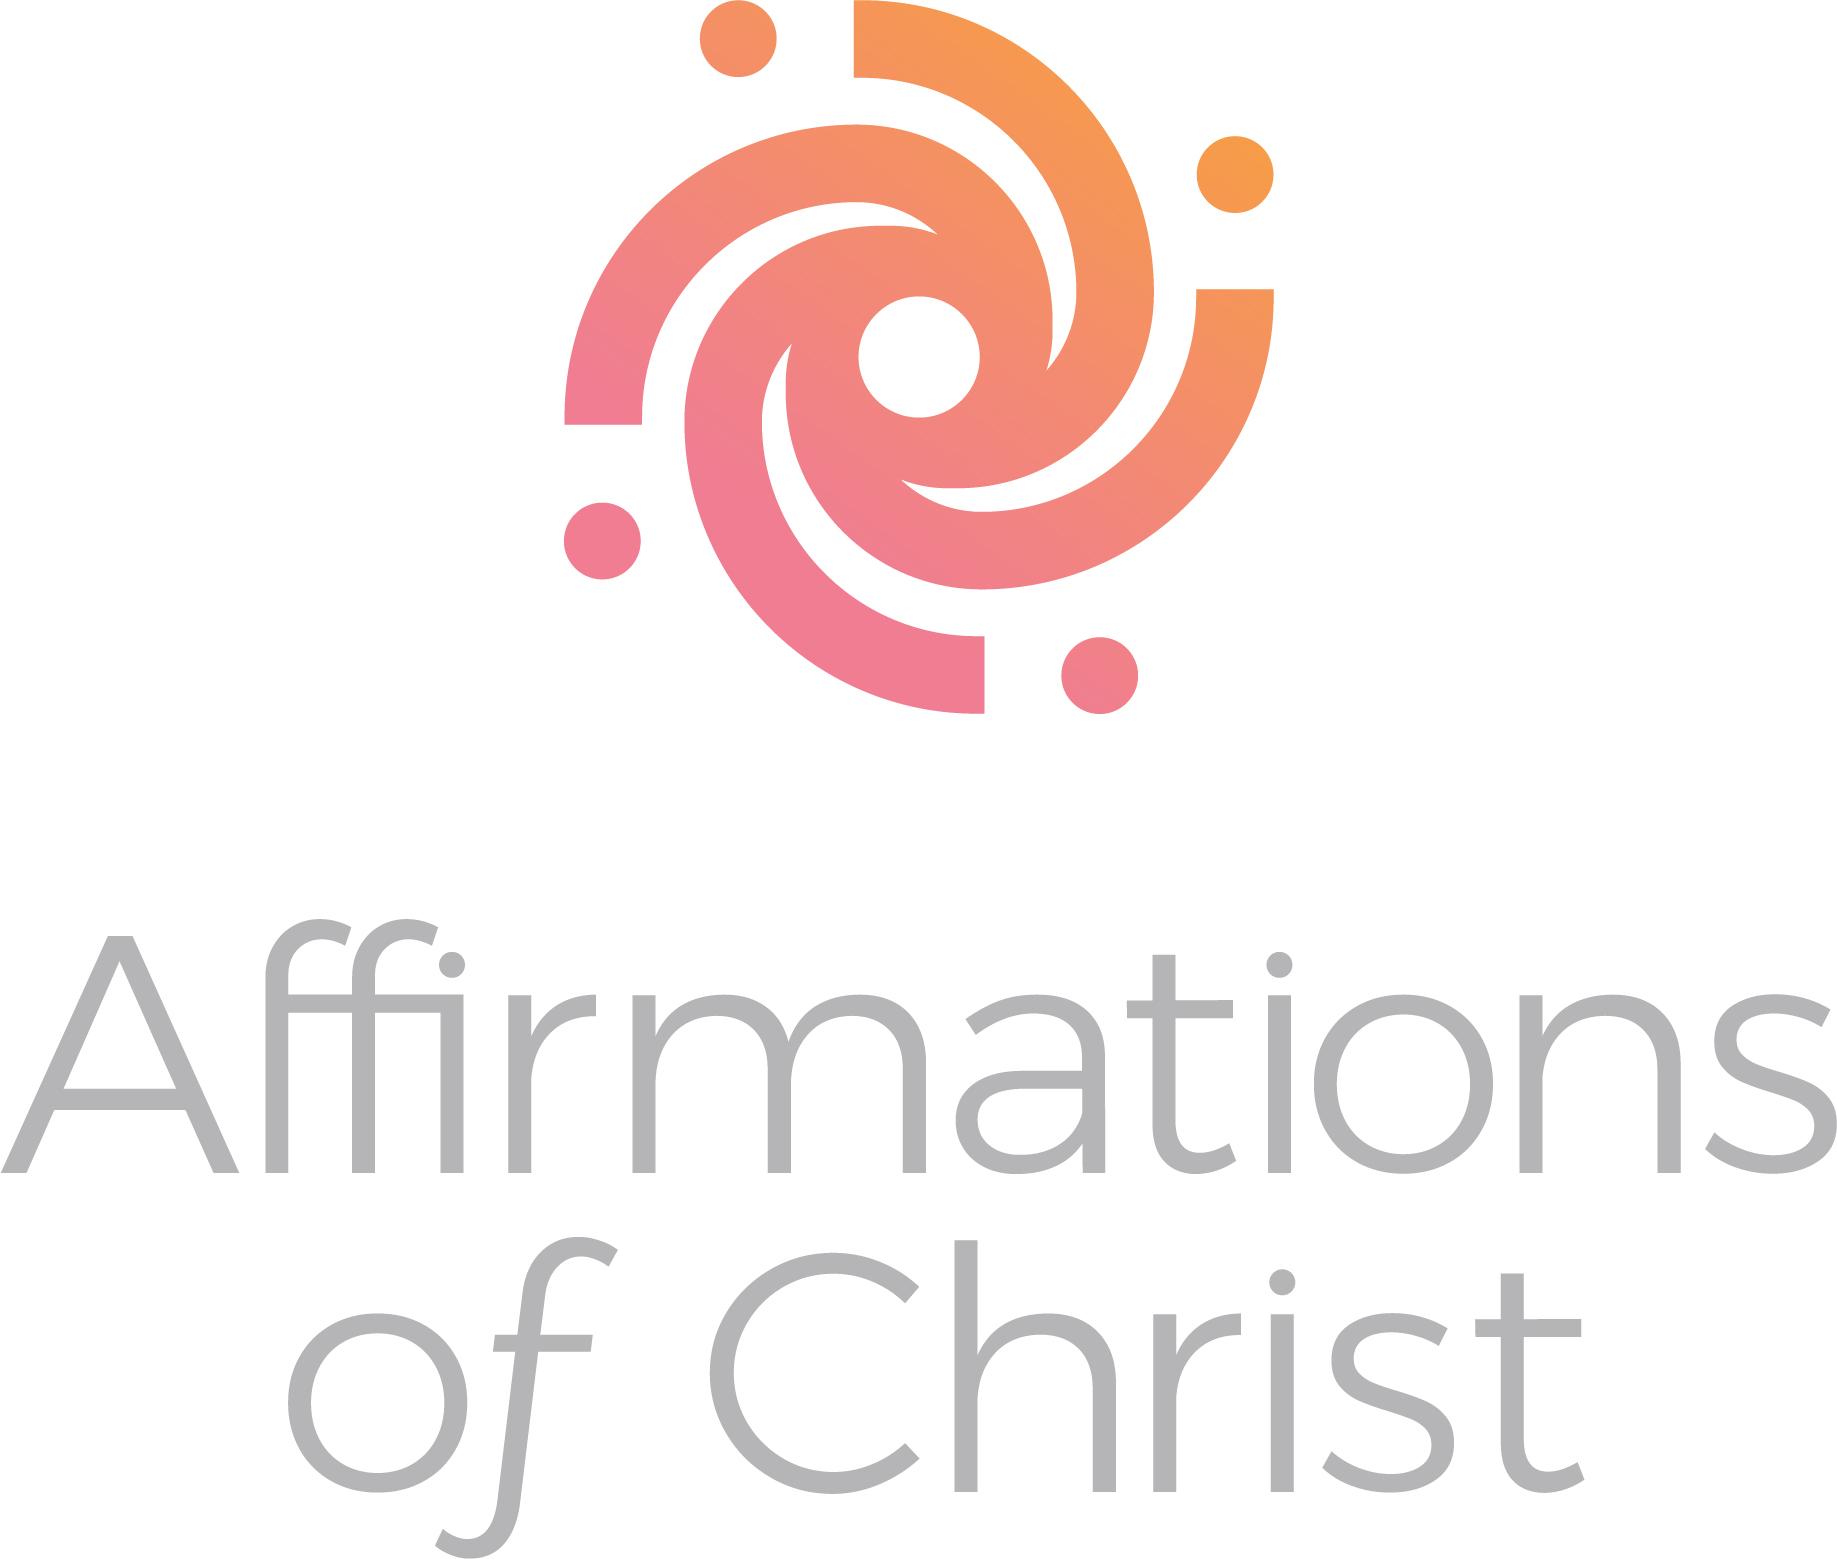 AffirmationsOfChrist-01.jpg